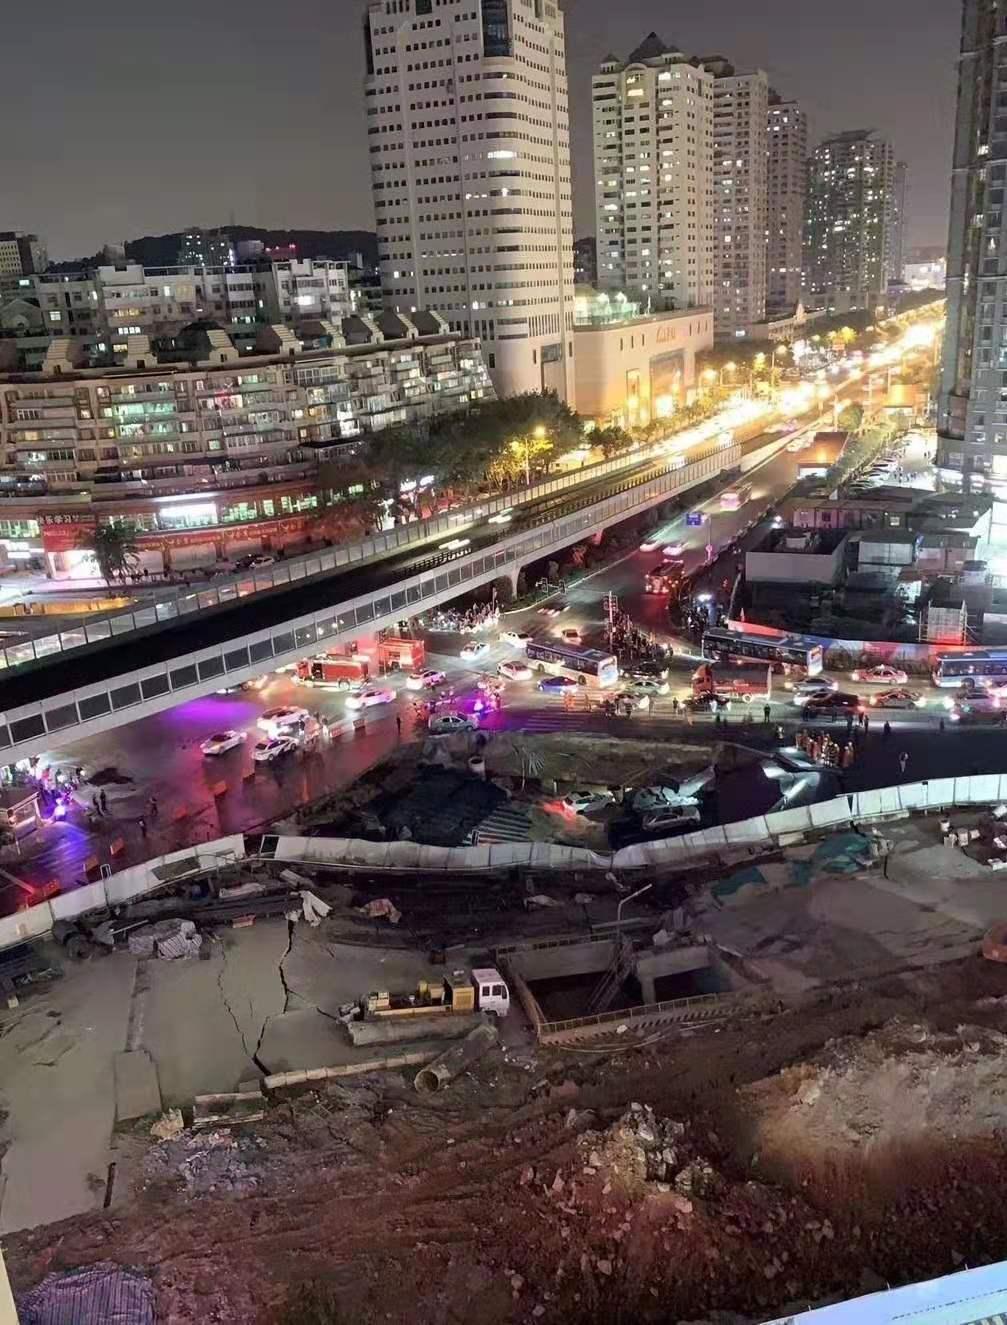 厦门城区发生地陷 塌陷原因疑似水管爆裂引起